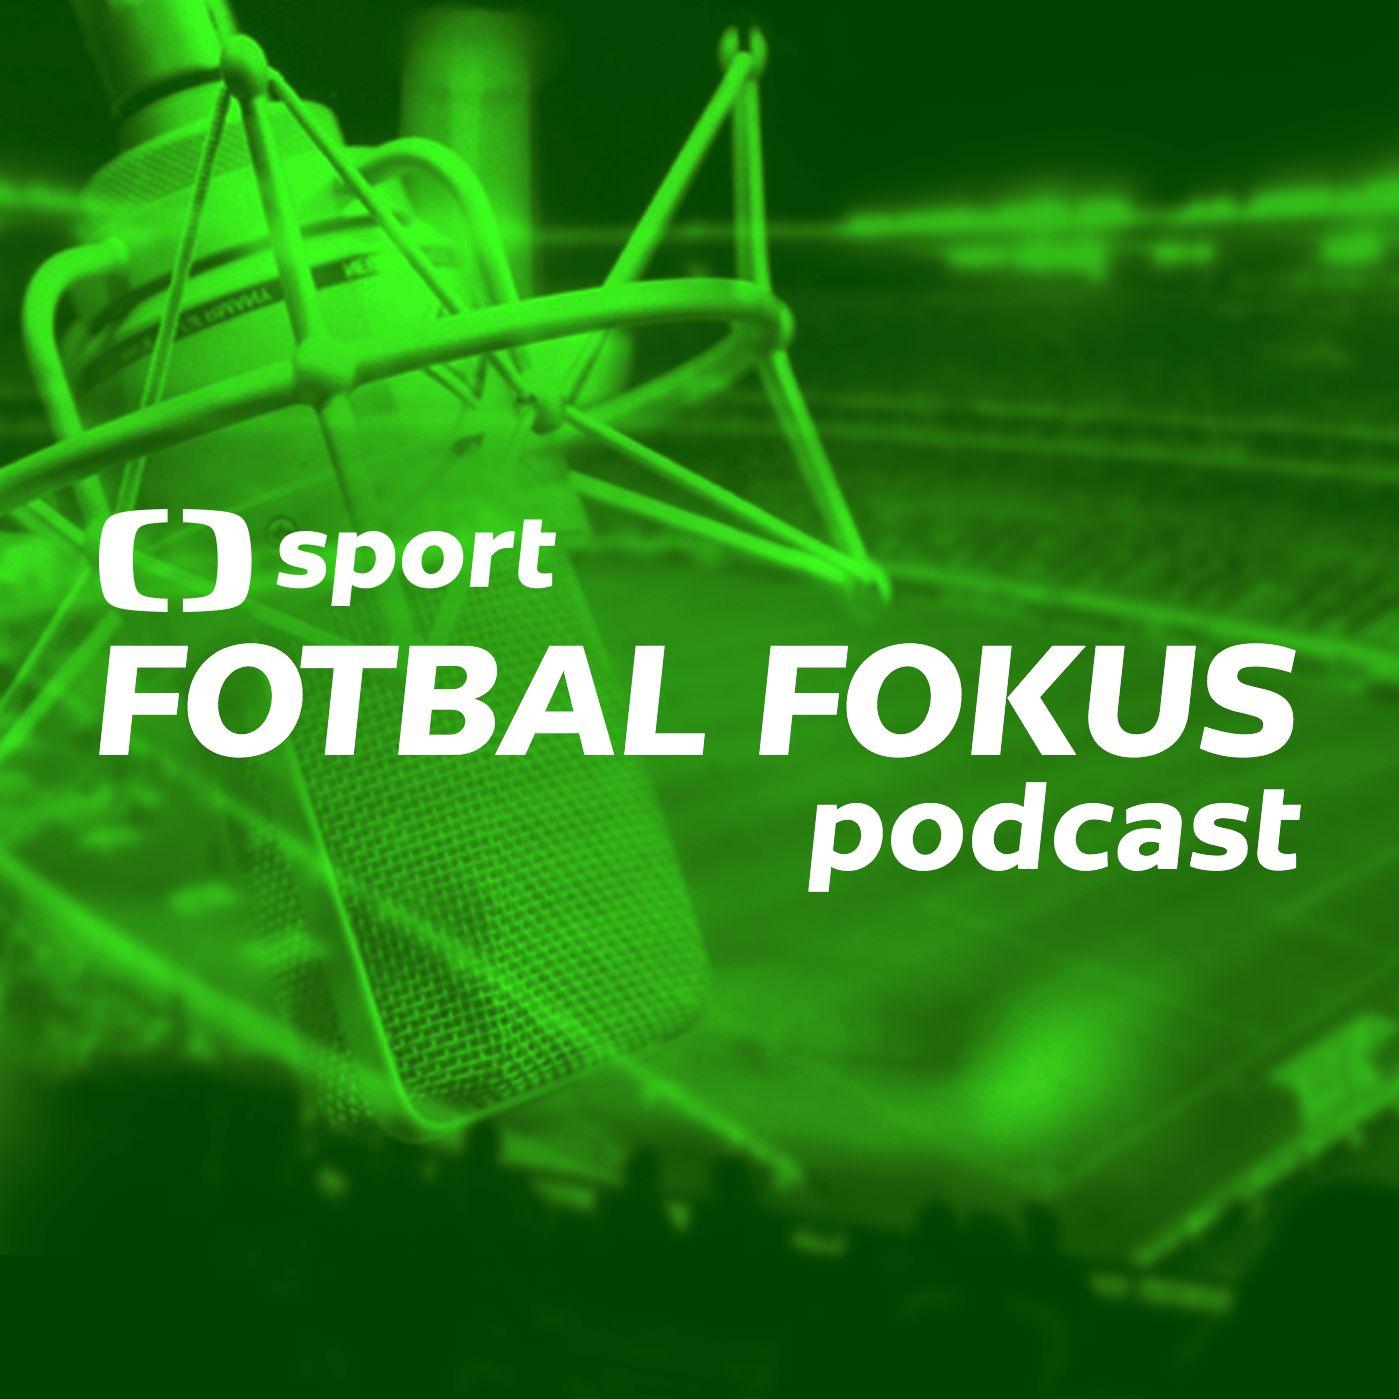 Fotbal fokus podcast: Mohou Stanciu s Kangou ve Spartě hrát vedle sebe?